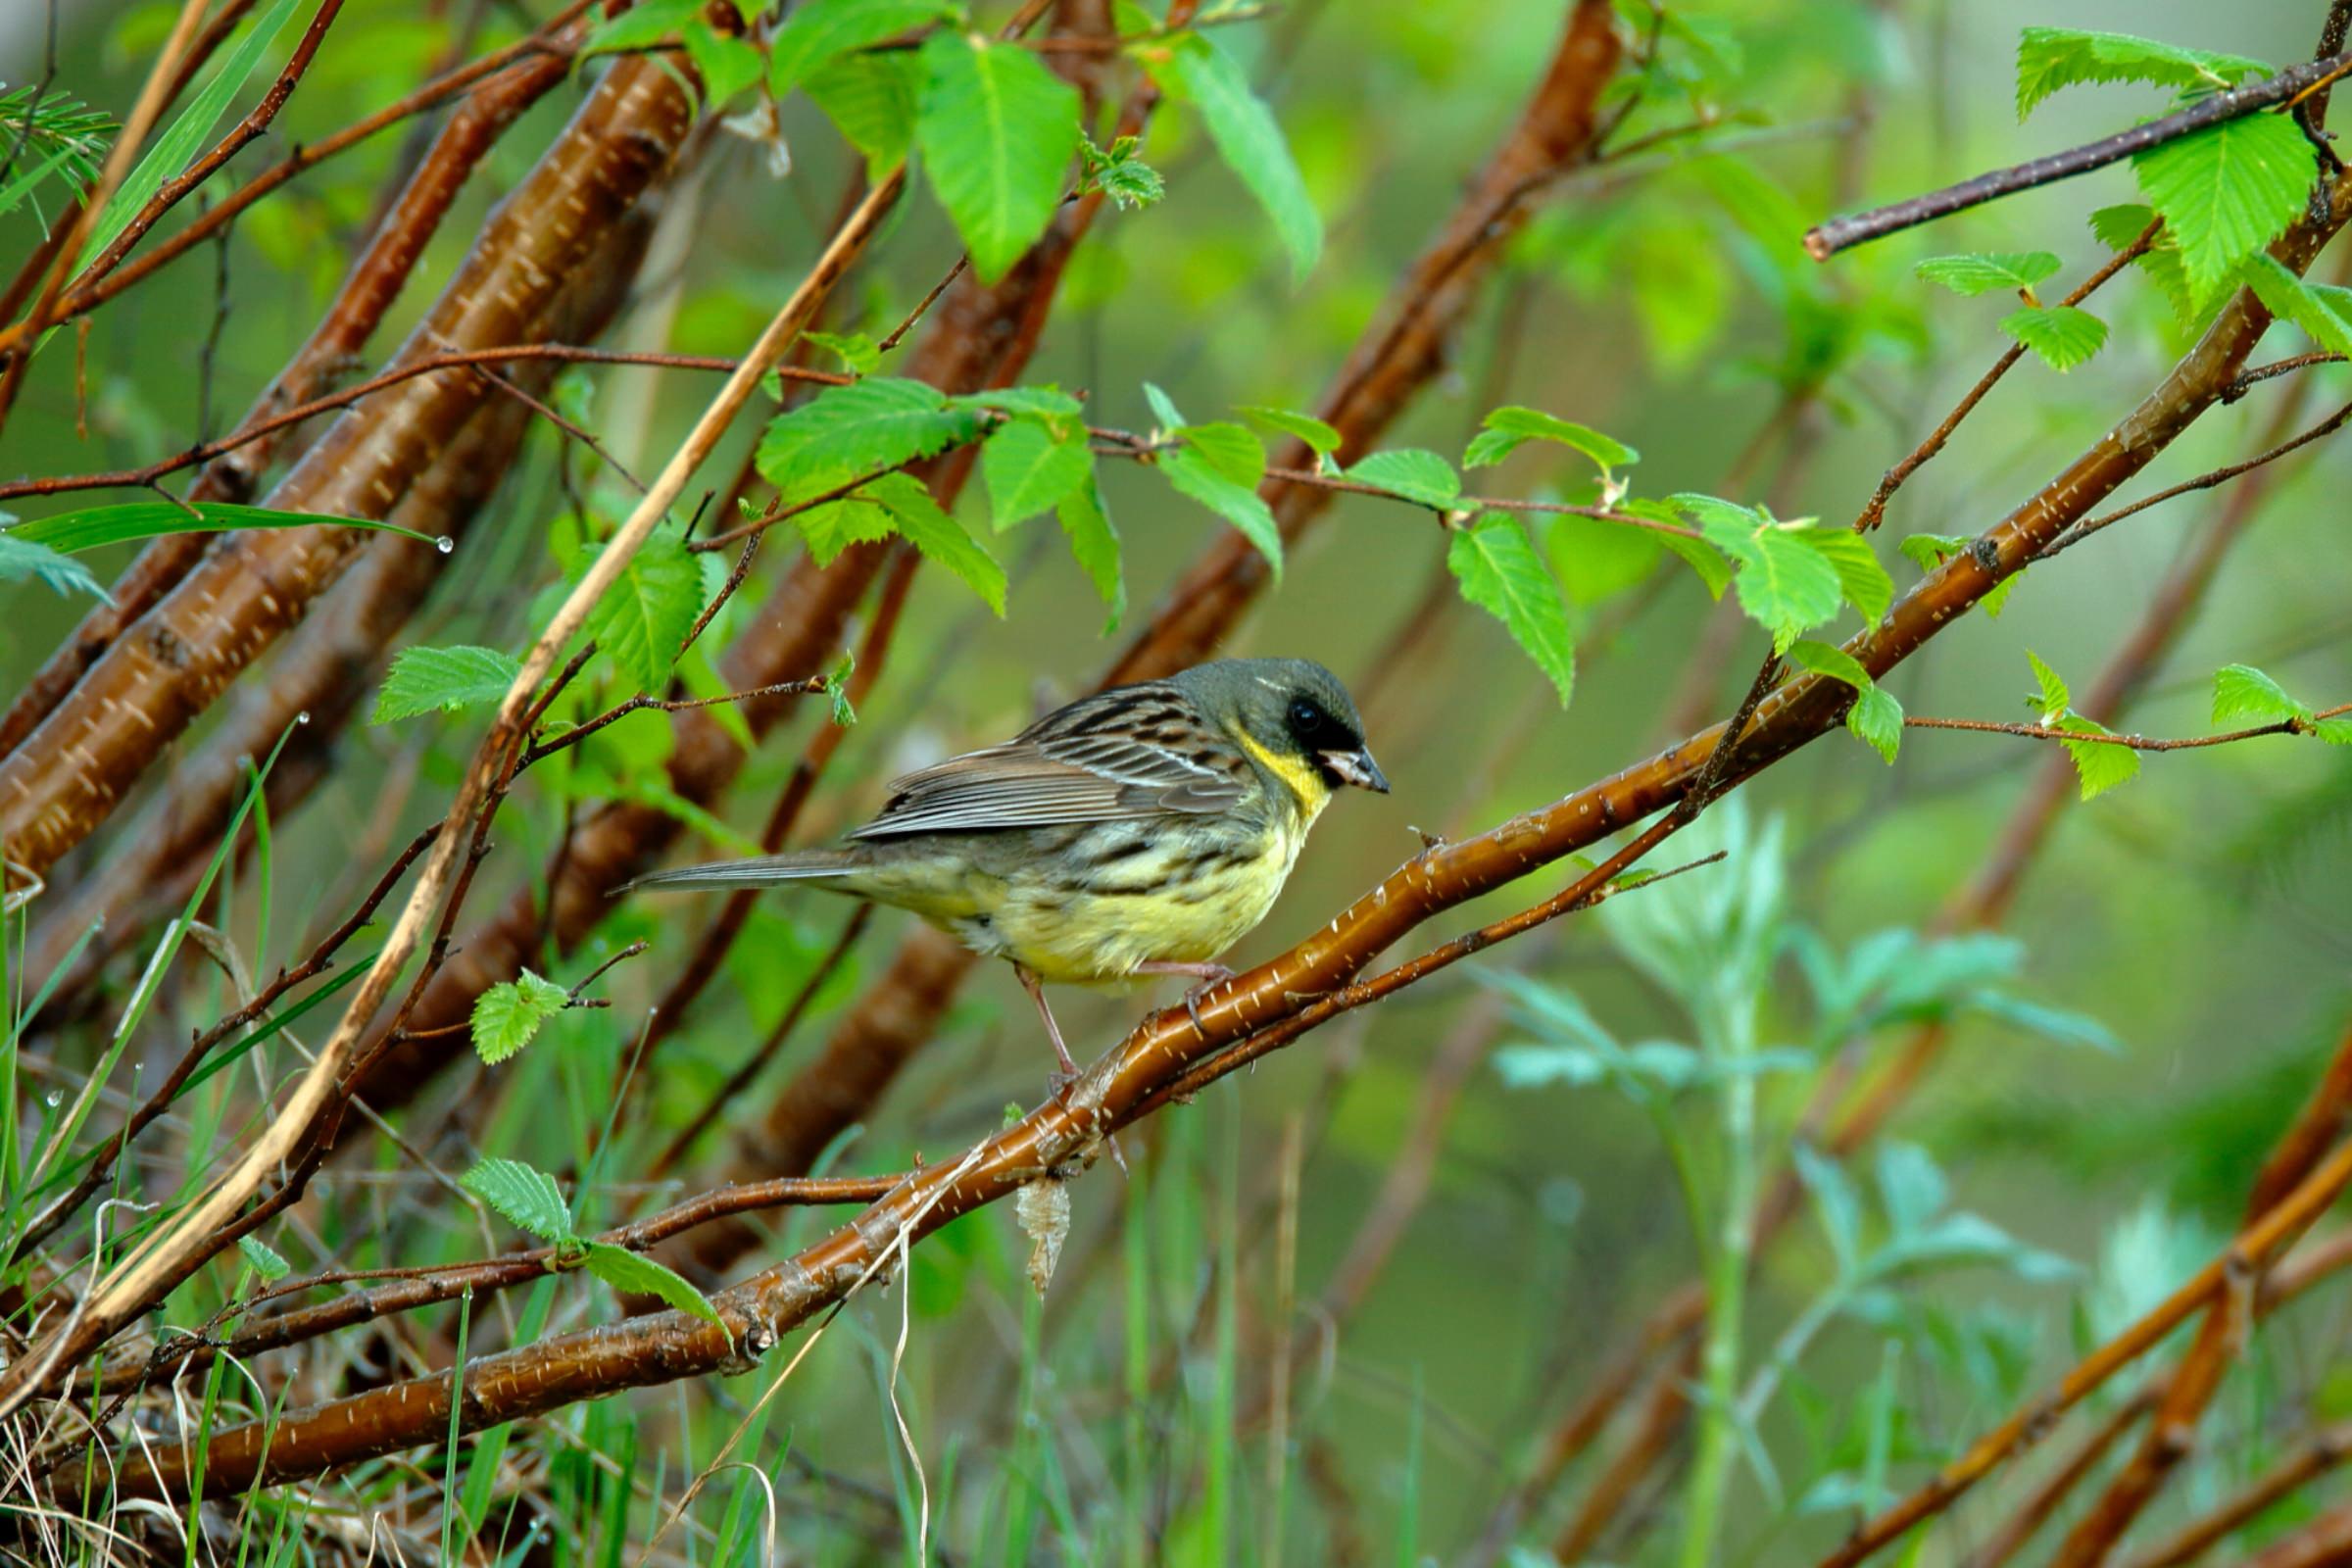 アオジ:緑の頭|野鳥写真図鑑|バードブランチプロジェクト | Canon ...